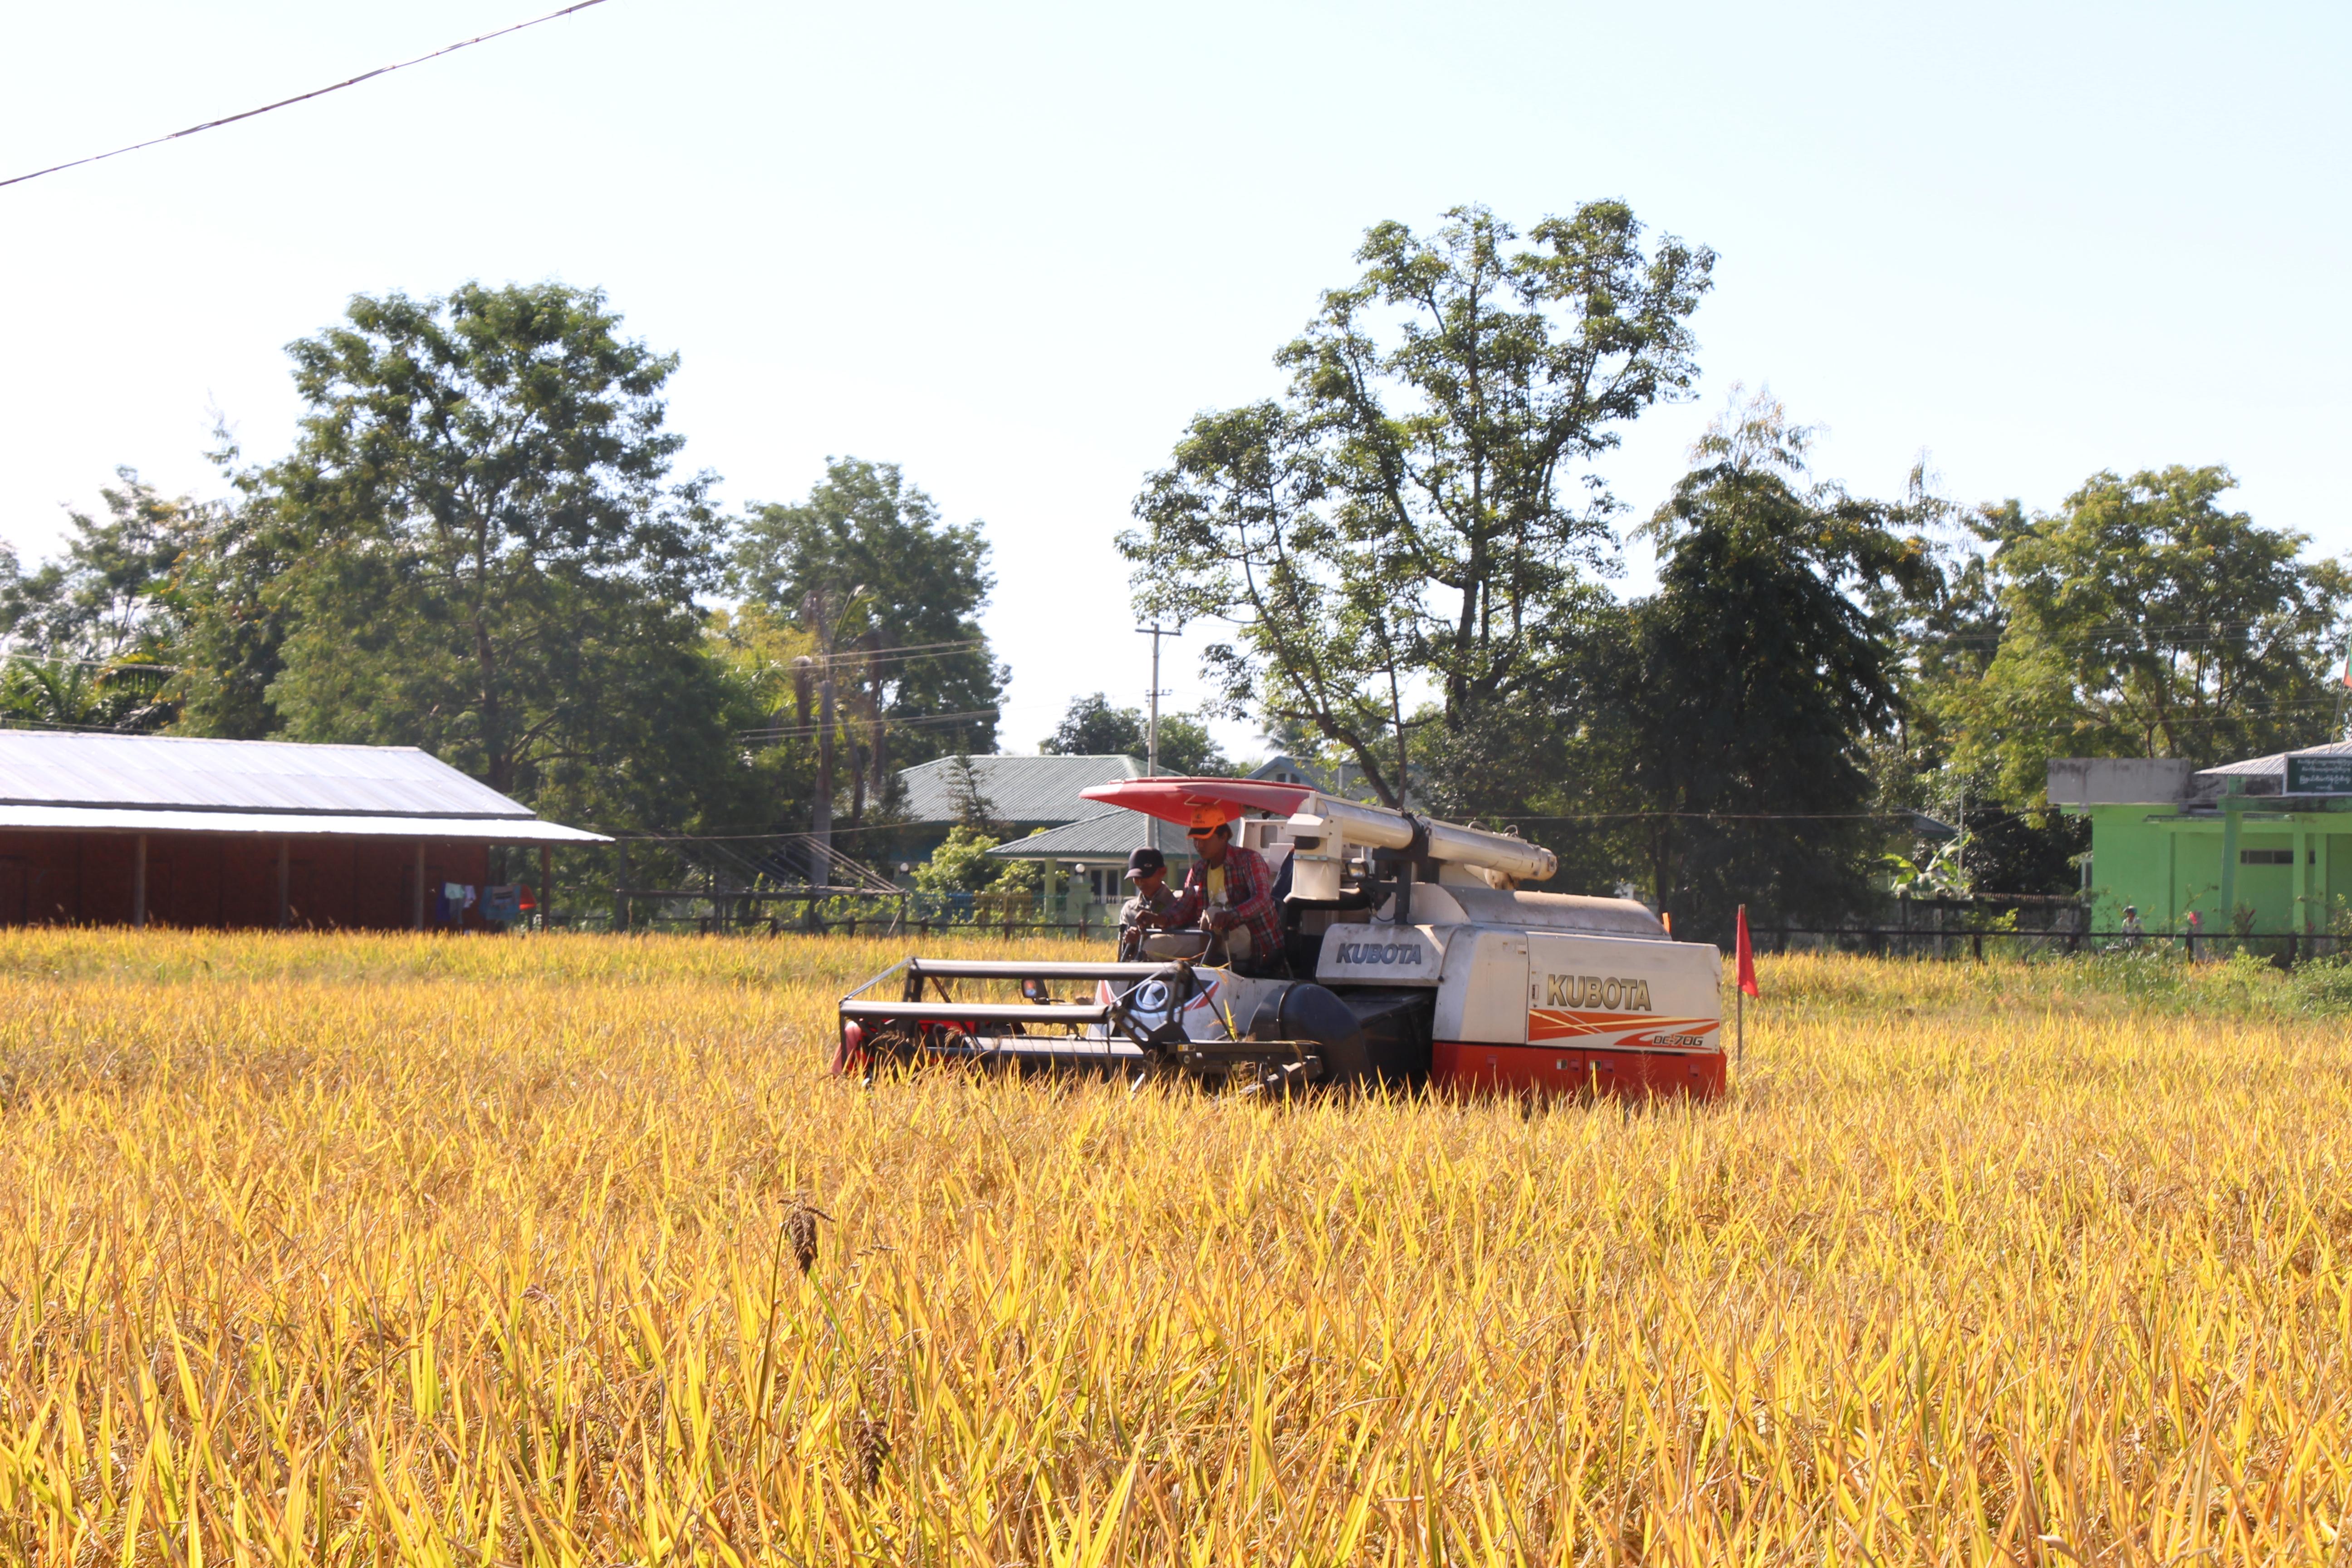 မြန်မာ- အစ္စရေး နှစ်နိုင်ငံ လယ်ယာကဏ္ဍ ဖွံ့ဖြိုးရေး ပူးပေါင်းဆောင်ရွက်မှု တိုးမြှင့်ရေးဆိုင်ရာ ကိစ္စရပ်များဆွေးနွေး